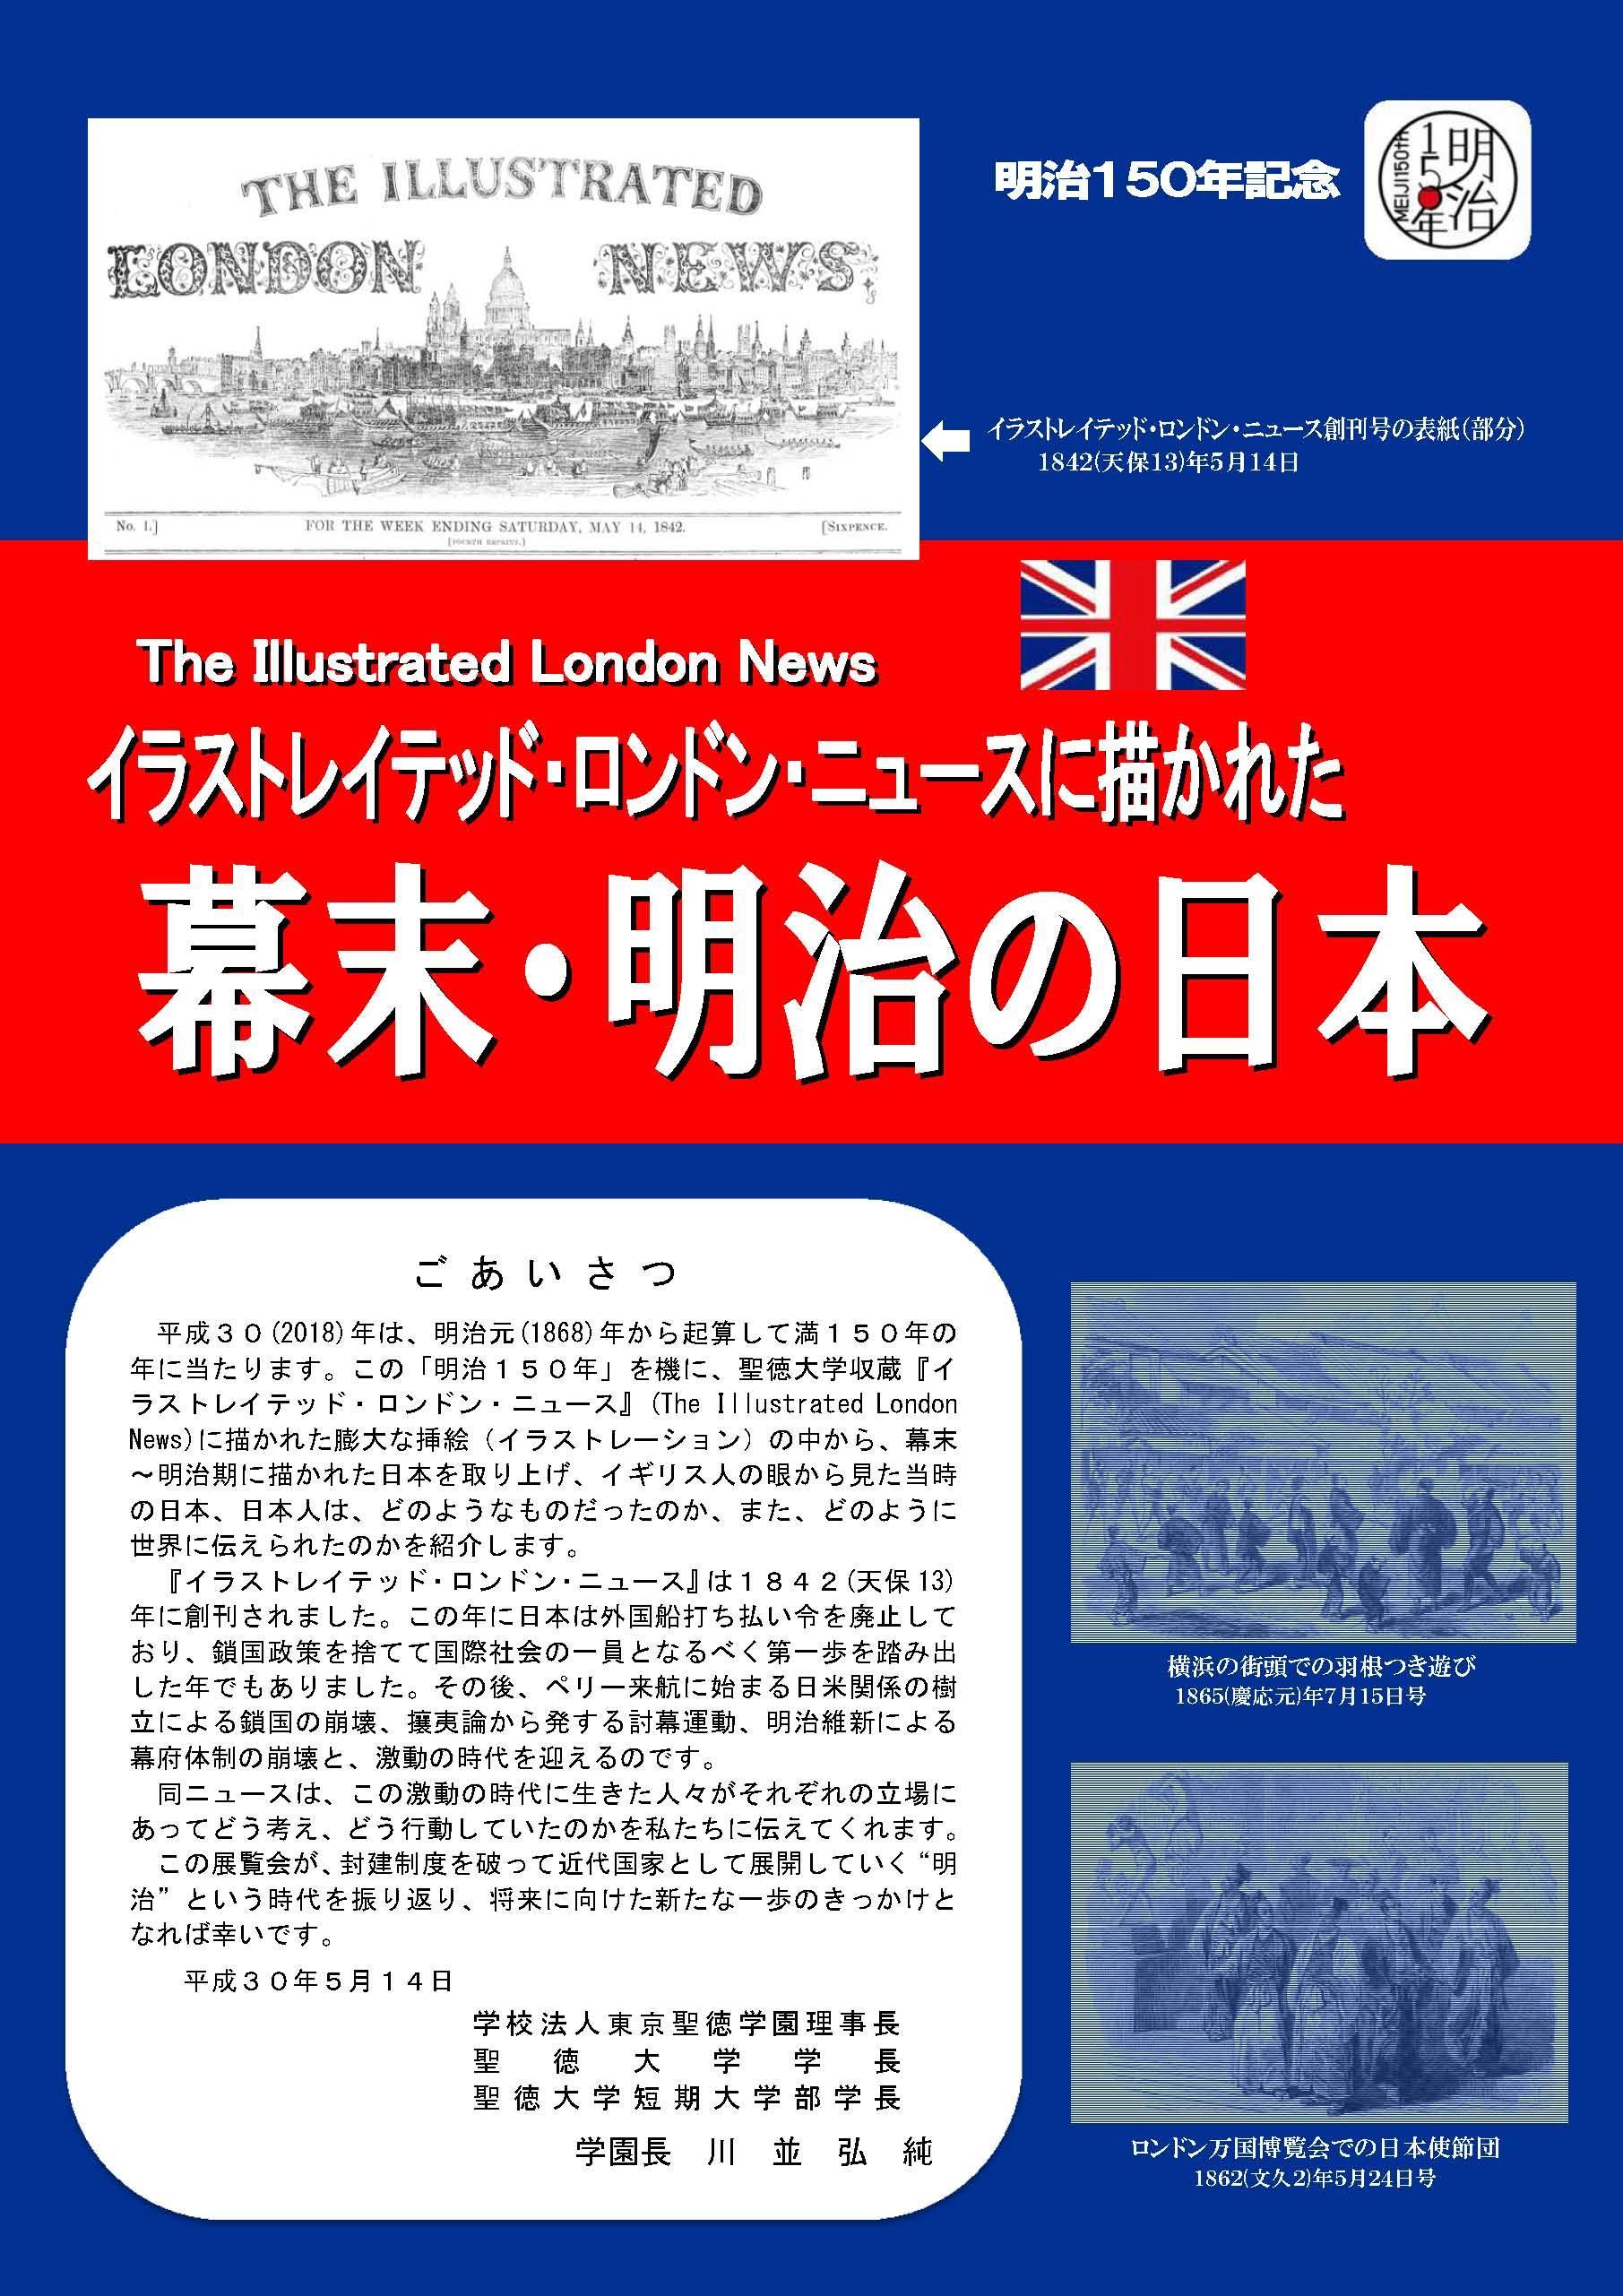 聖徳大学が明治150年記念「イラストレイテッド・ロンドン・ニュースに描かれた幕末・明治の日本」展を開催中 -- イギリス人の眼から見た幕末~明治期の日本を紹介